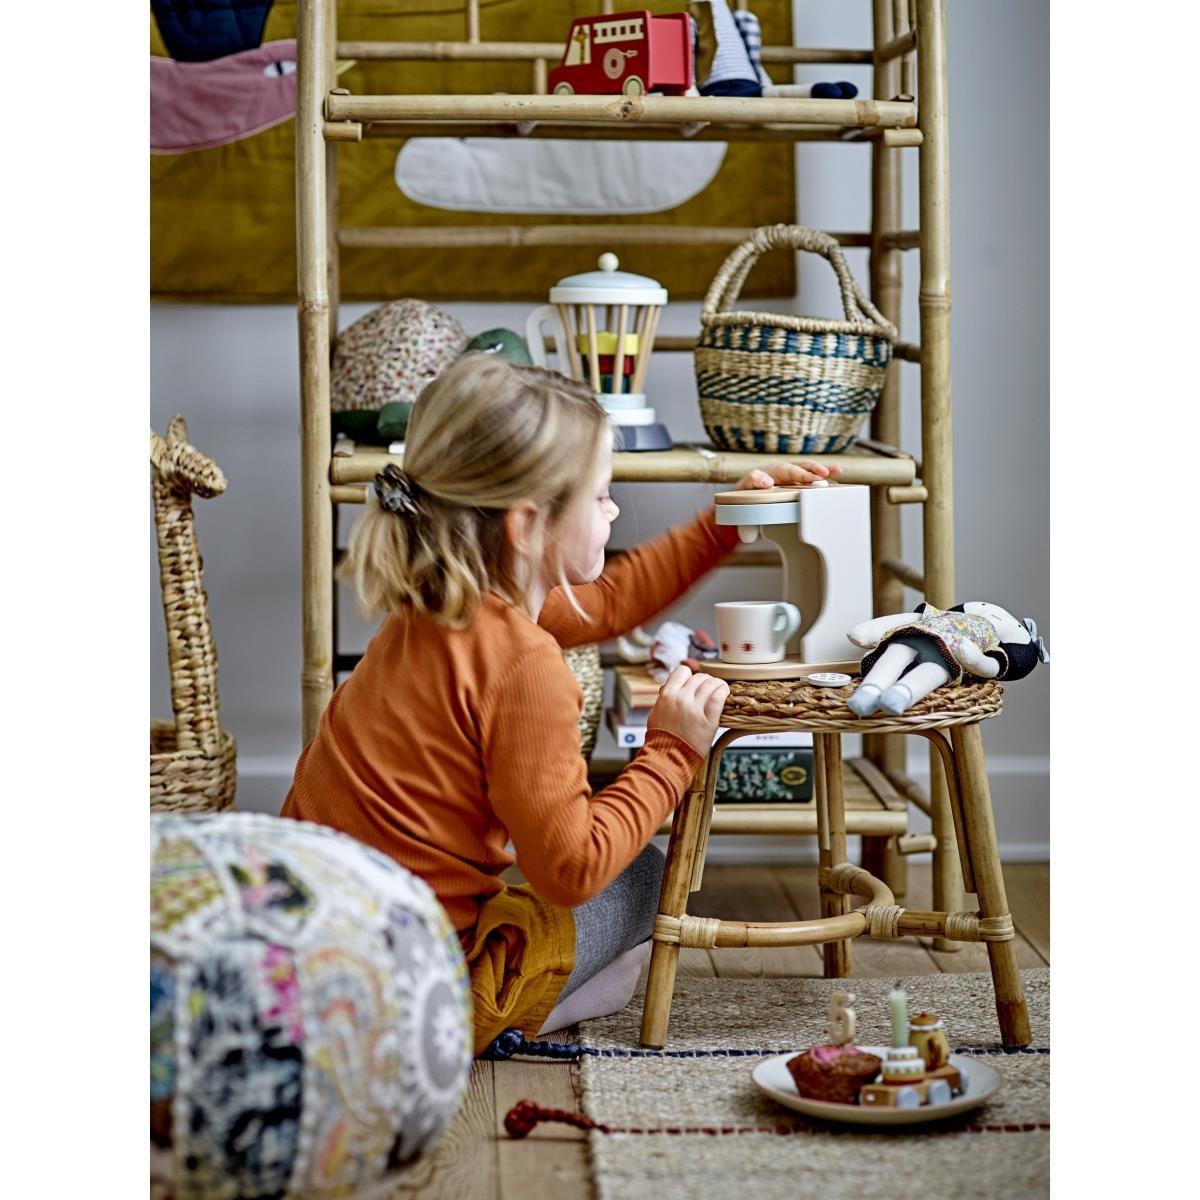 Dřevěný hrací set pro děti MIXER V.20 cm_6